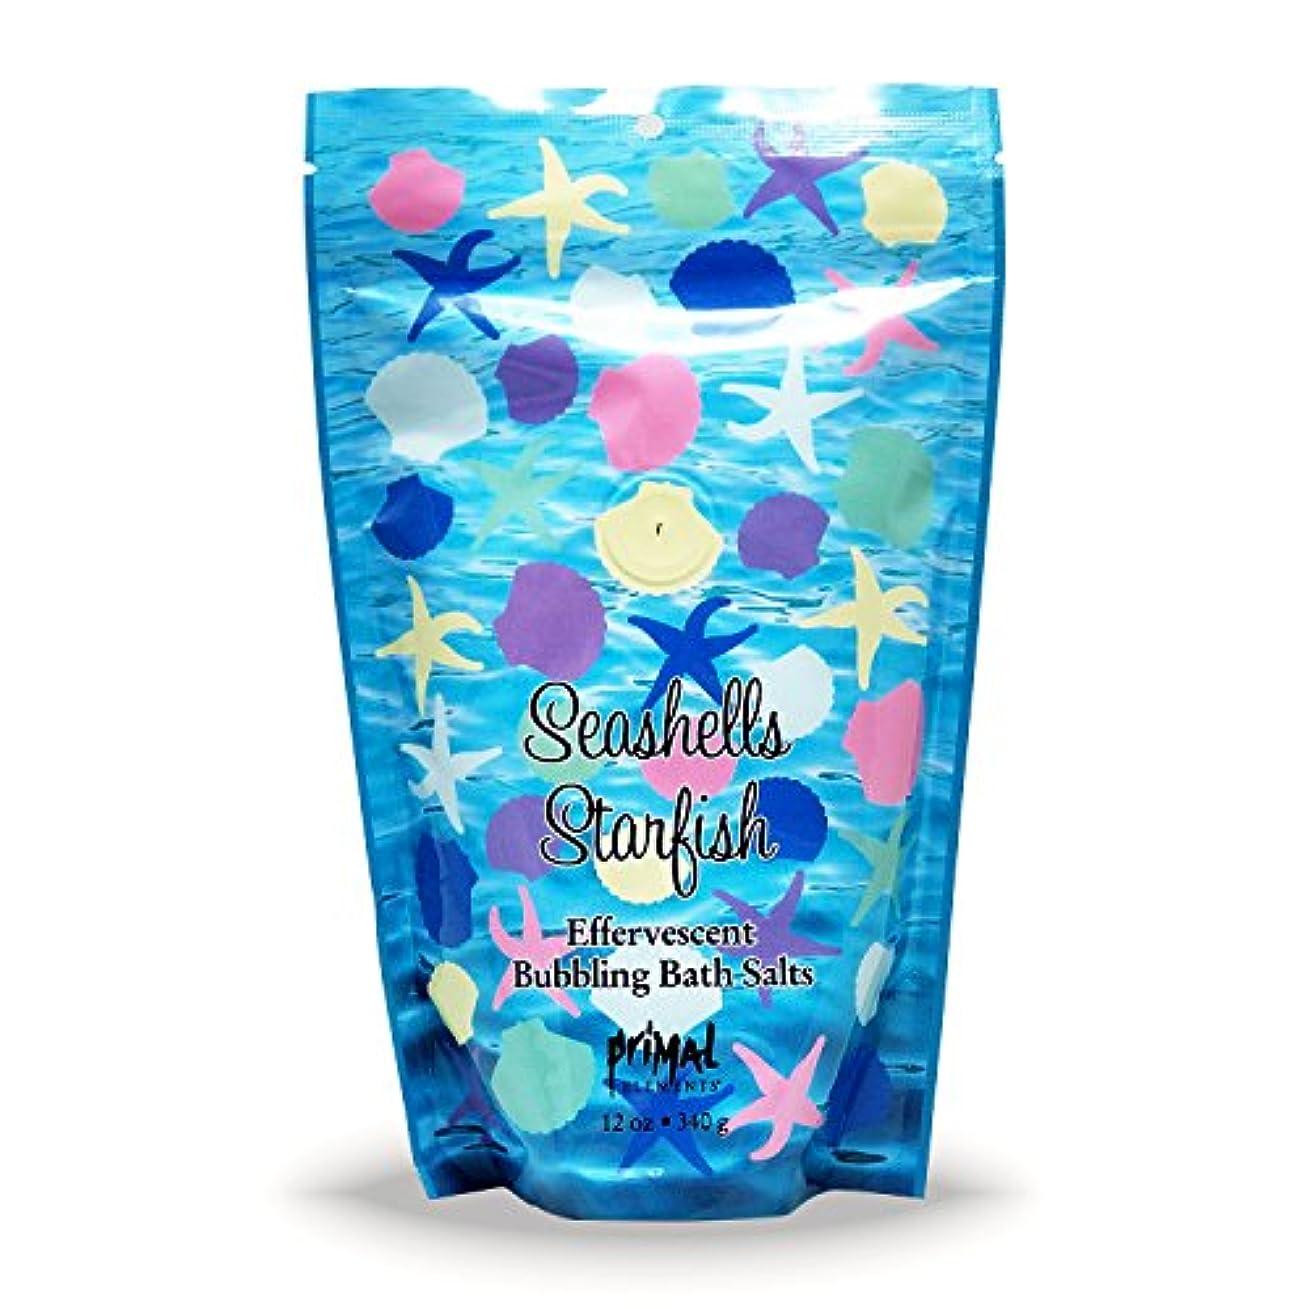 毒性避ける物理学者プライモールエレメンツ バブリング バスソルト/シーシェル&スターフィッシュ 340g エプソムソルト含有 アロマの香りがひろがる泡立つ入浴剤